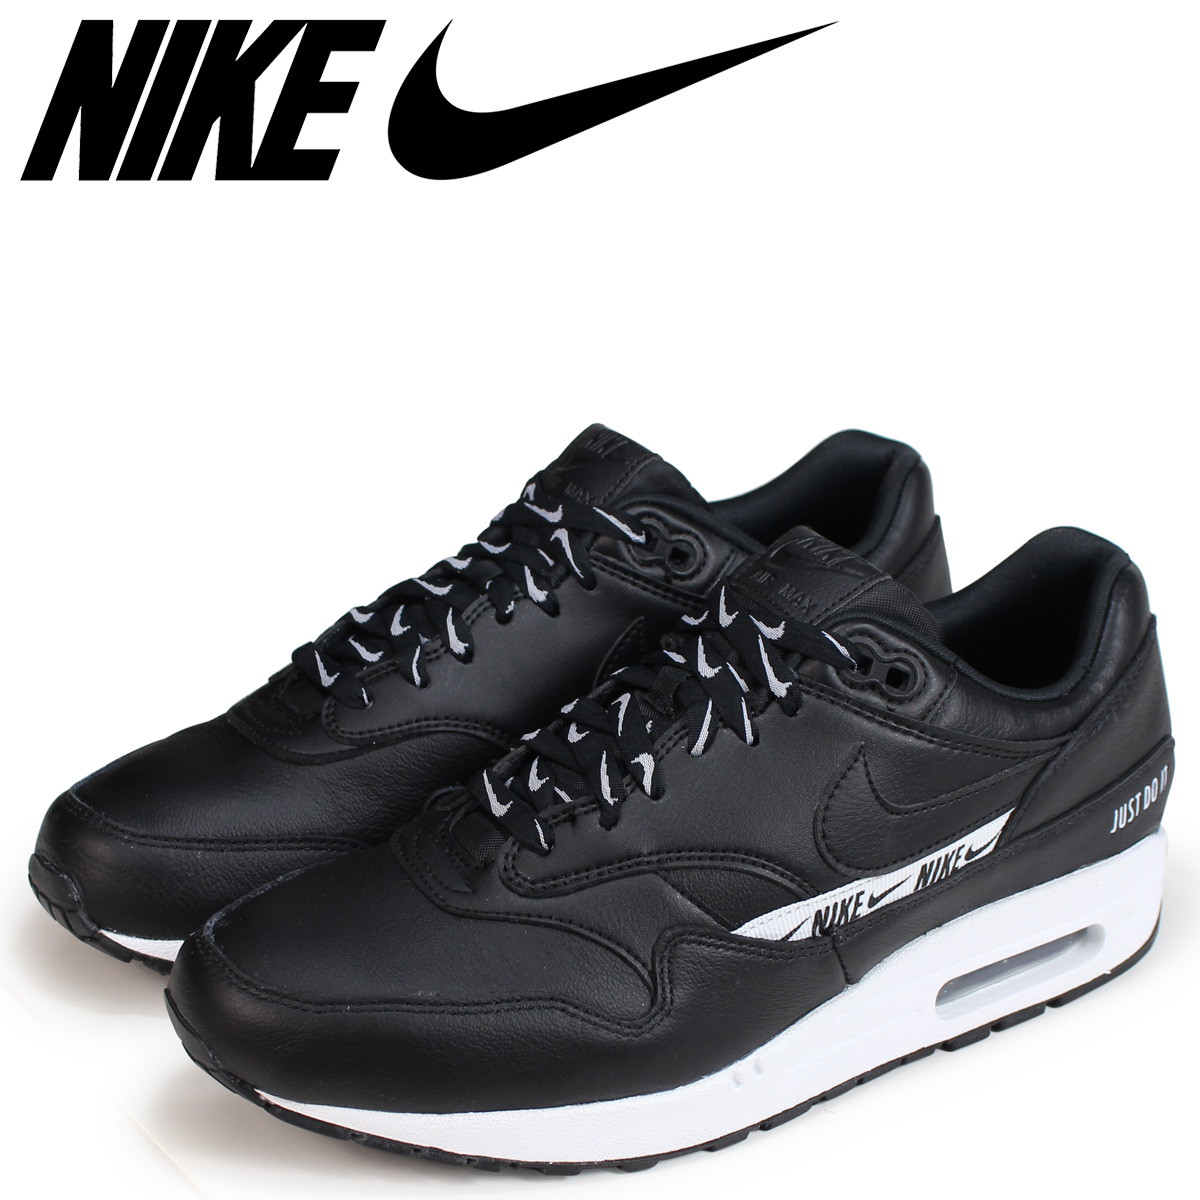 Nike WMNS Air Max 1 SE (881101 005)